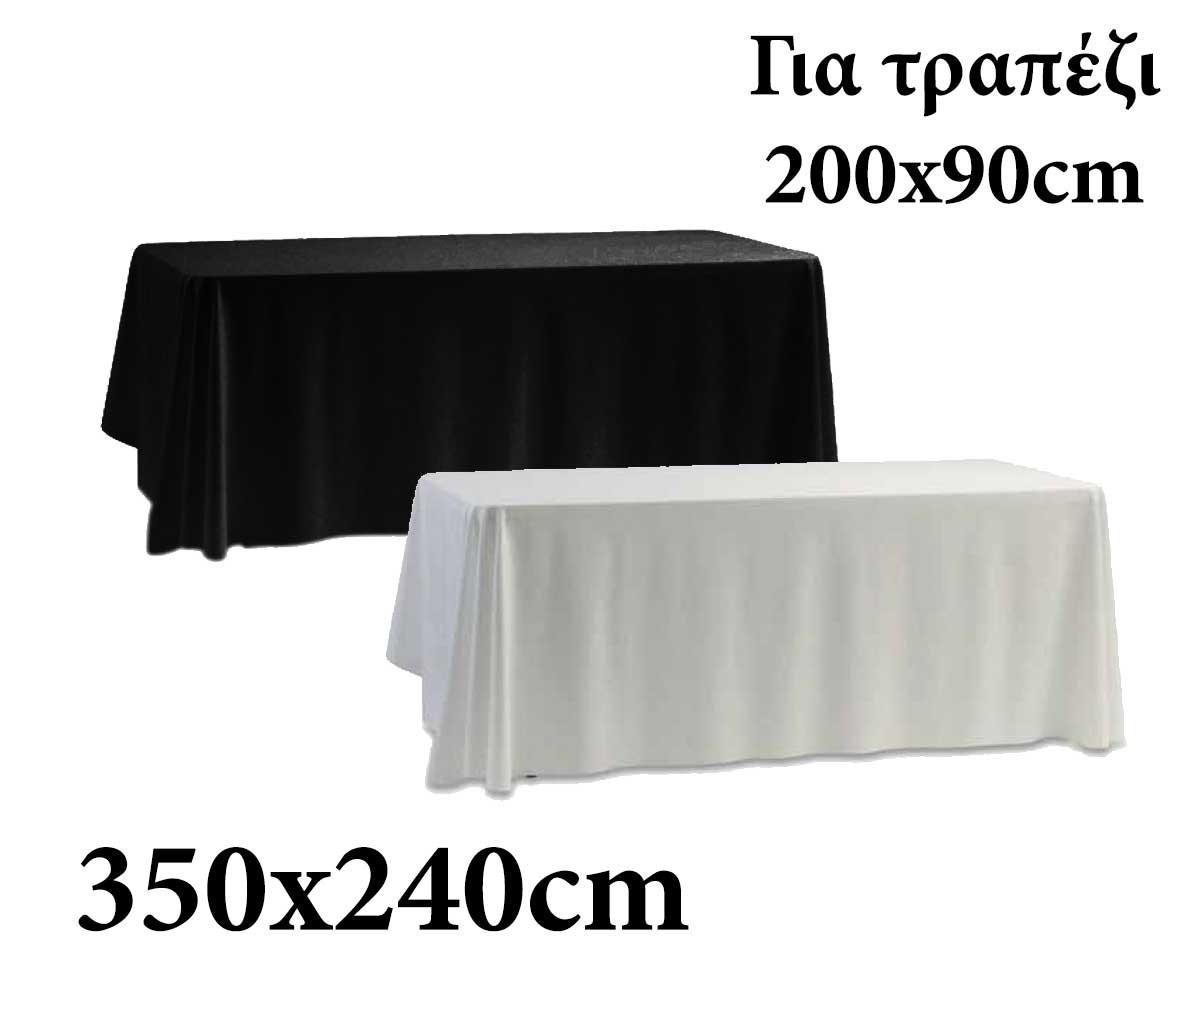 Υφασμάτινο τραπεζομάντηλο Target 350x240 για τραπέζι 200x90cm